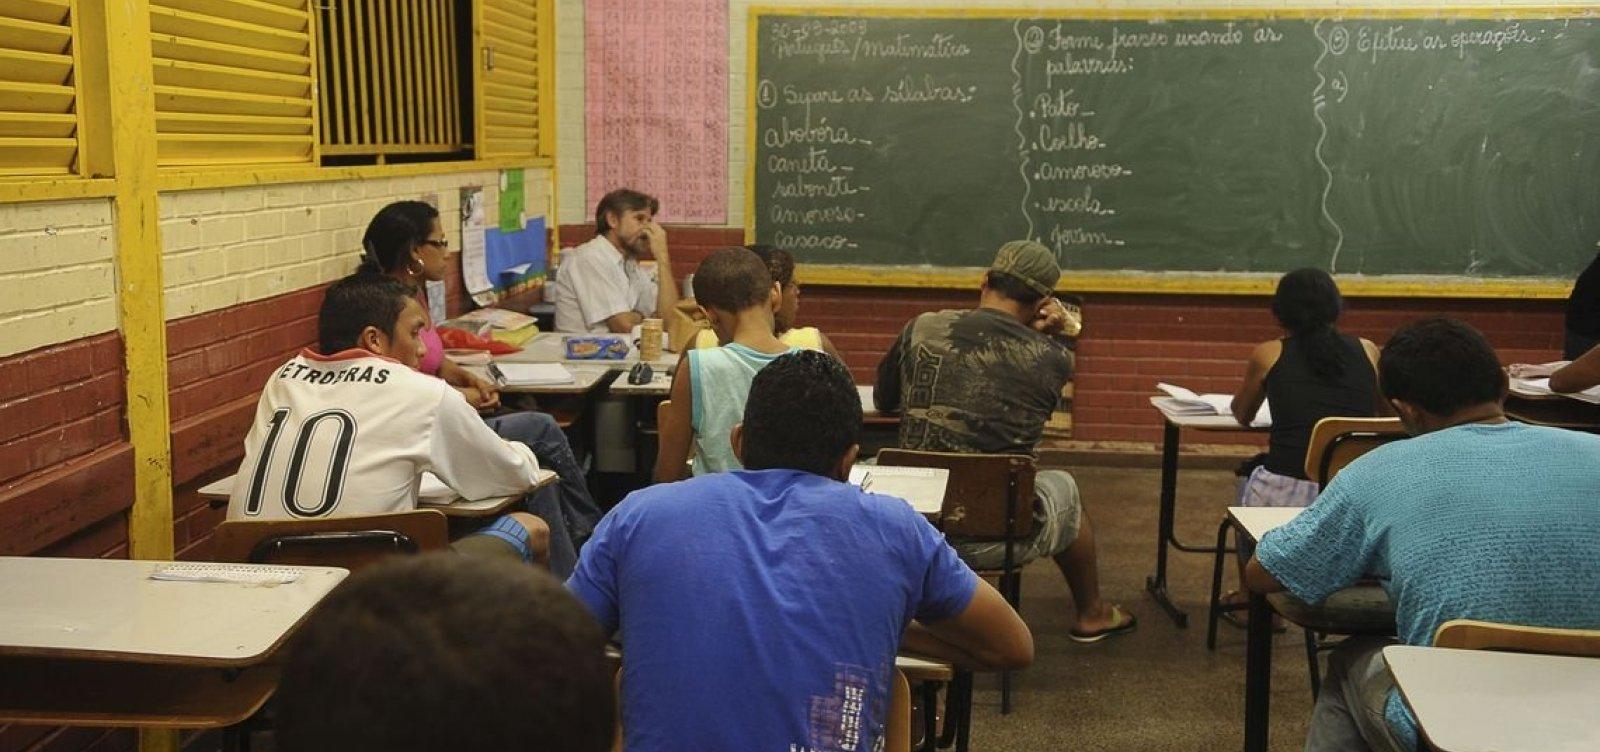 Cerca de 64% dos estudantes querem psicólogo na escola